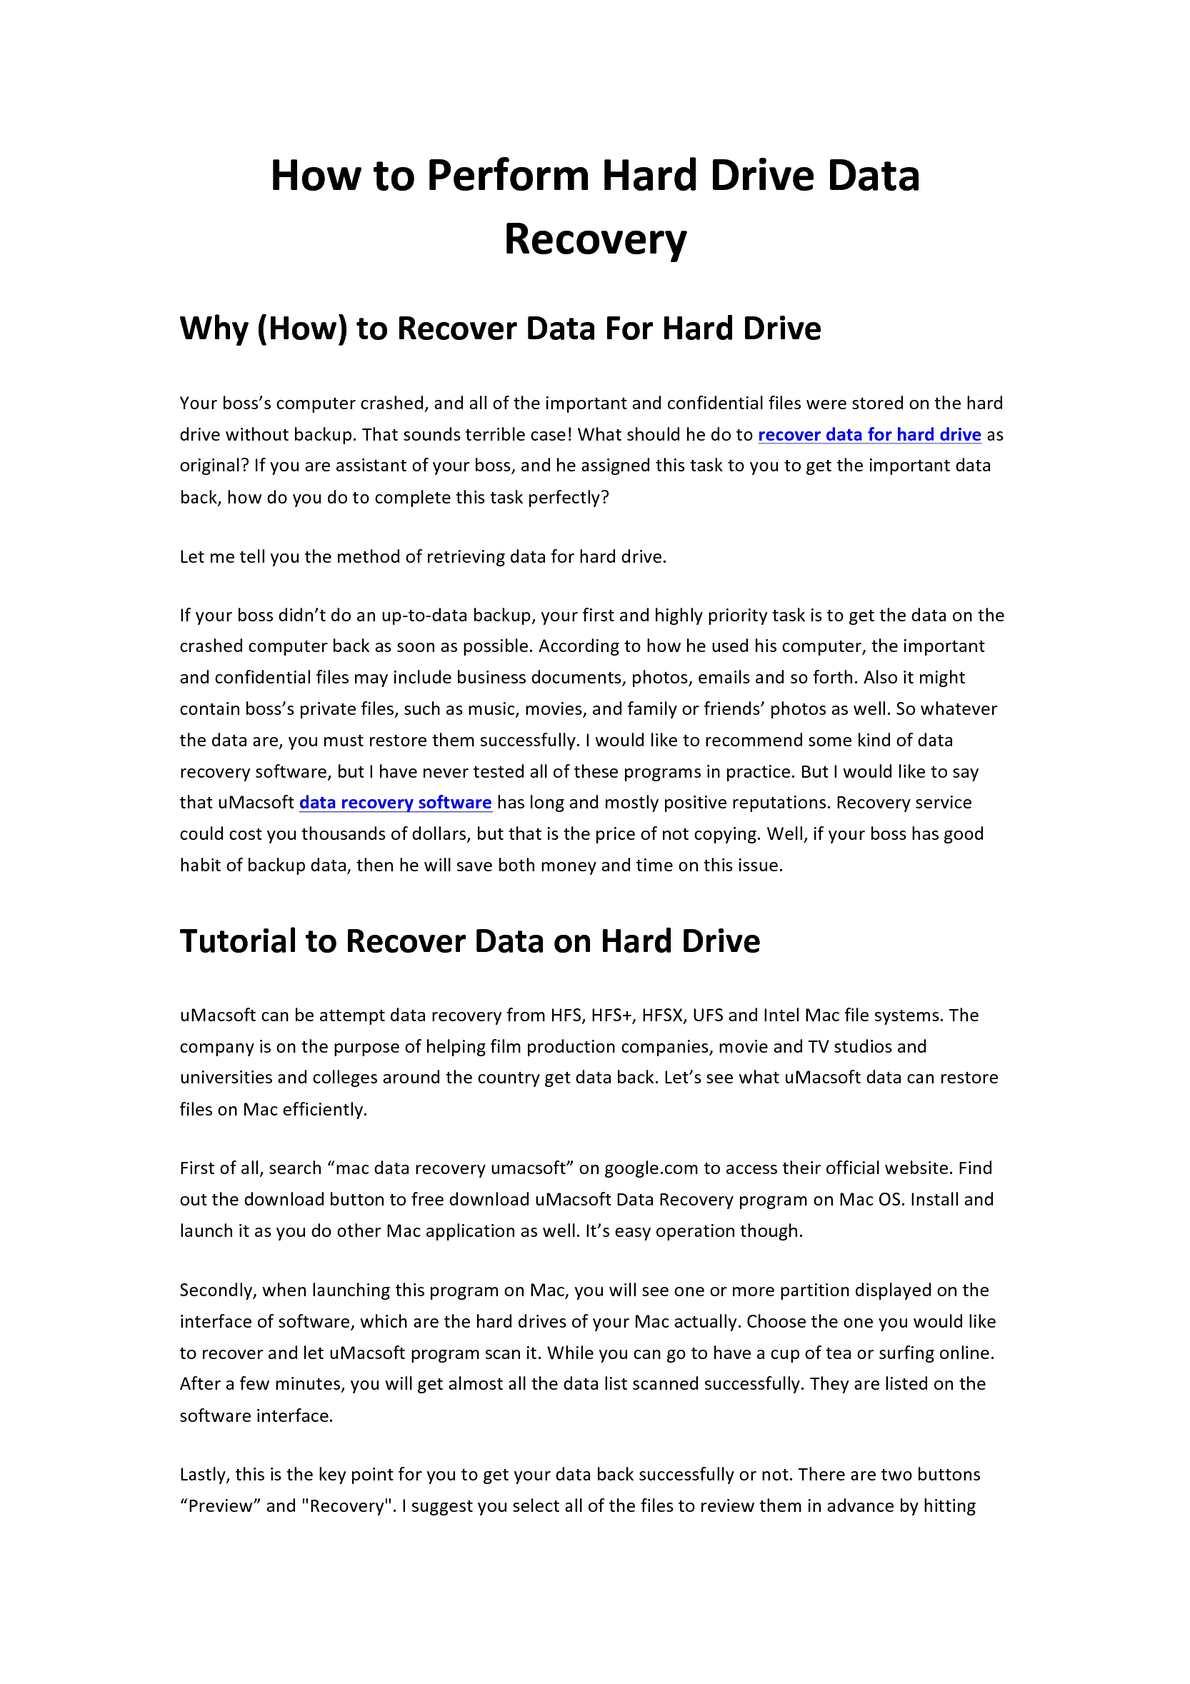 umacsoft data recovery